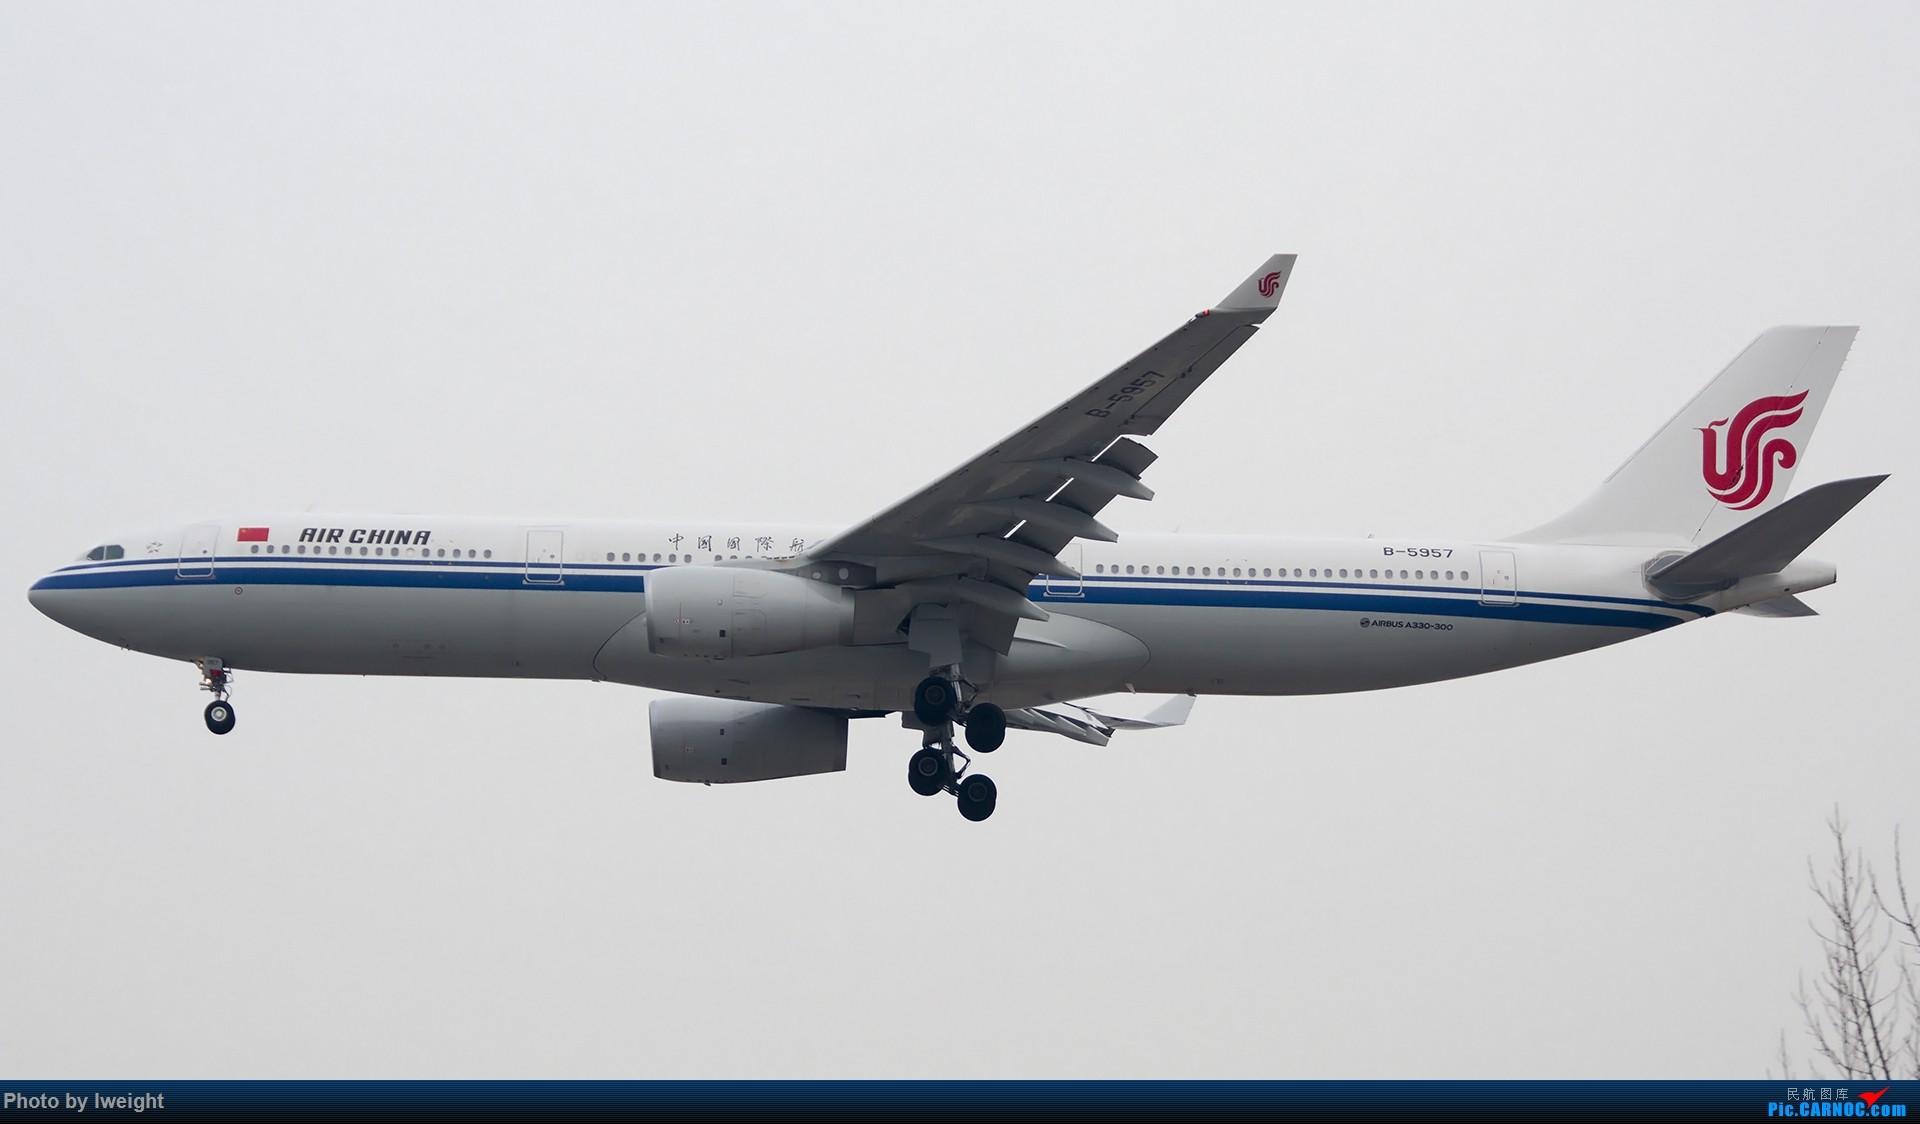 Re:[原创]2014-12-06 PEK天气由好变坏的直接体验 AIRBUS A330-300 B-5957 中国北京首都国际机场